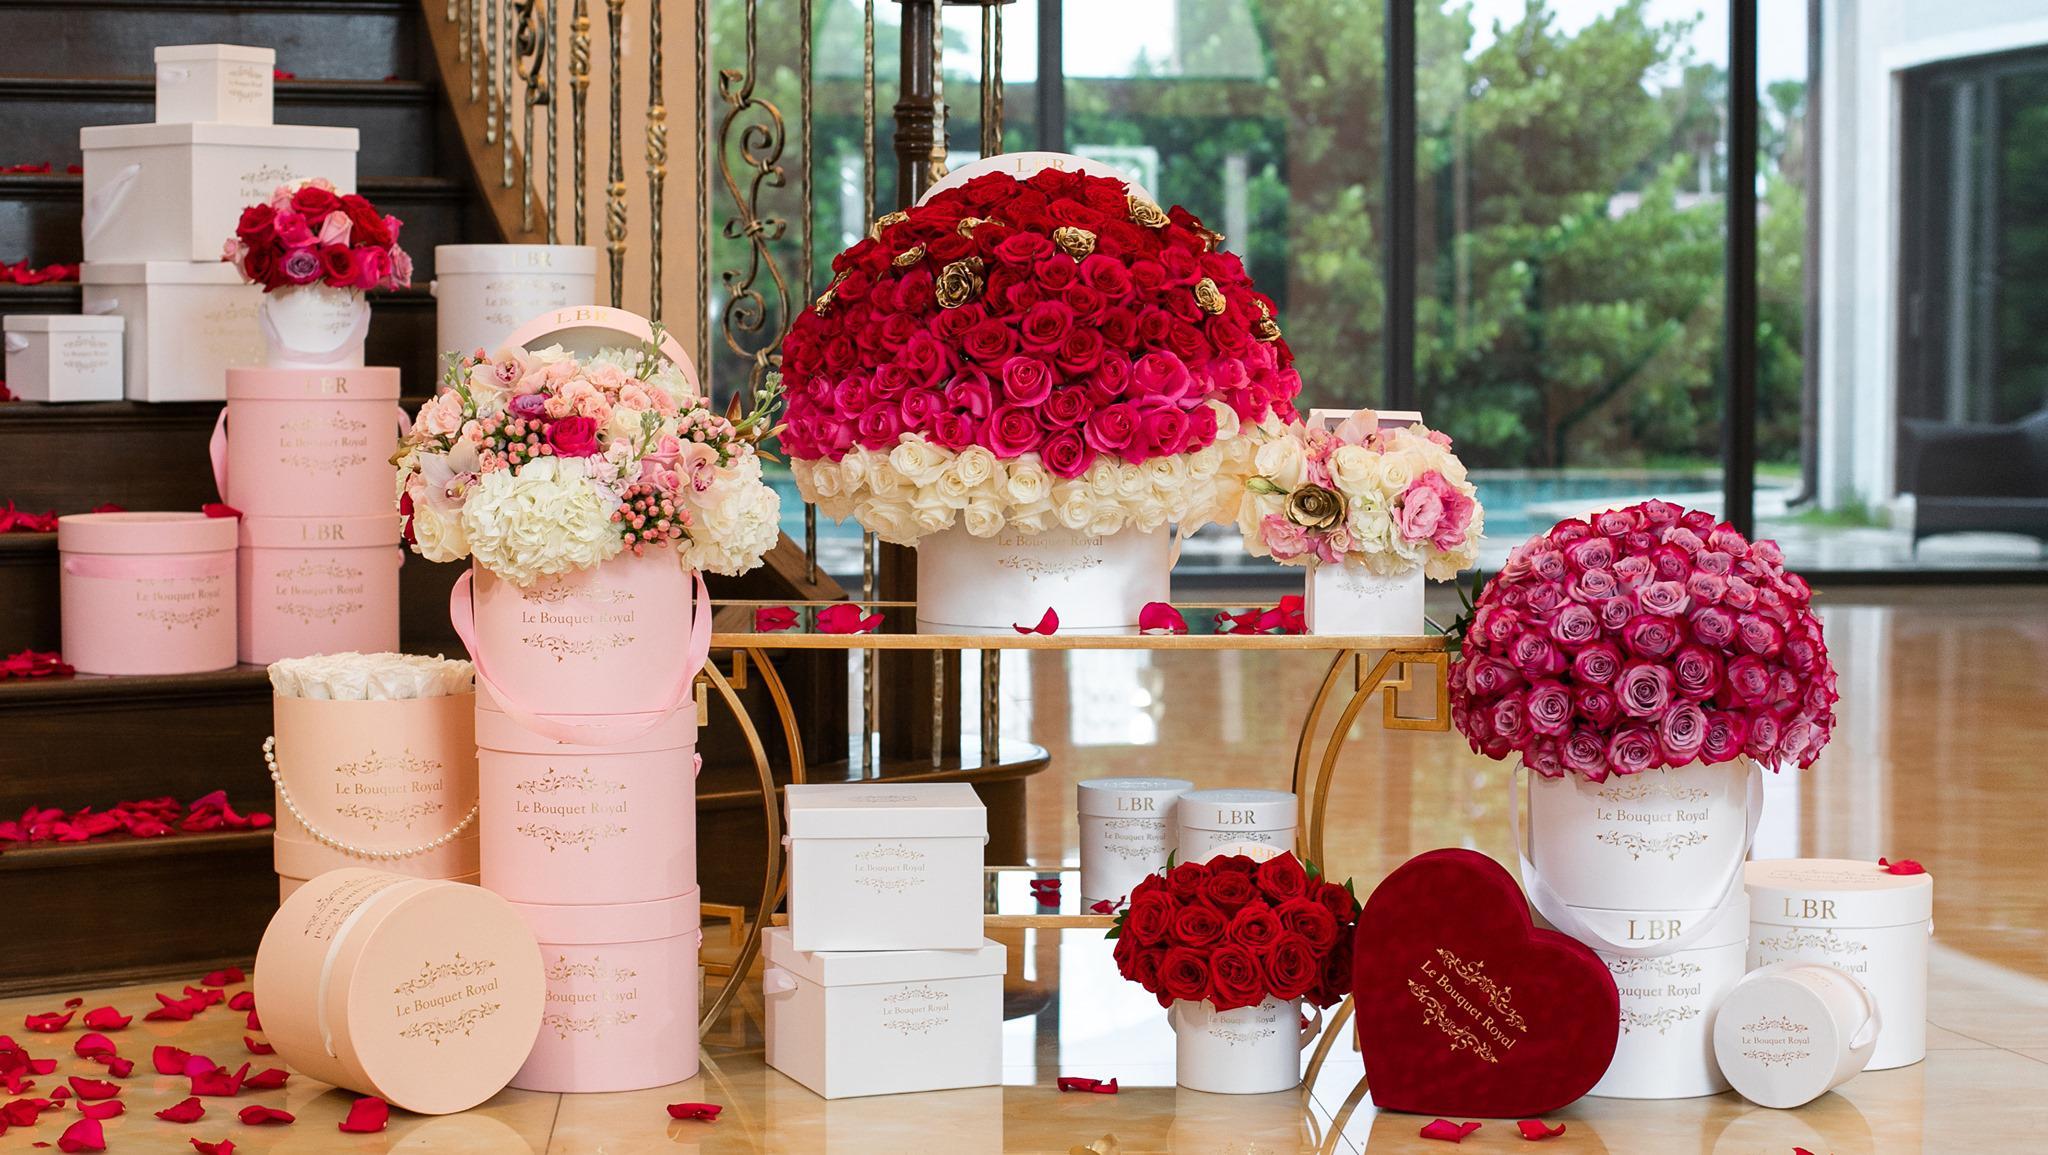 Le Bouquet Royal